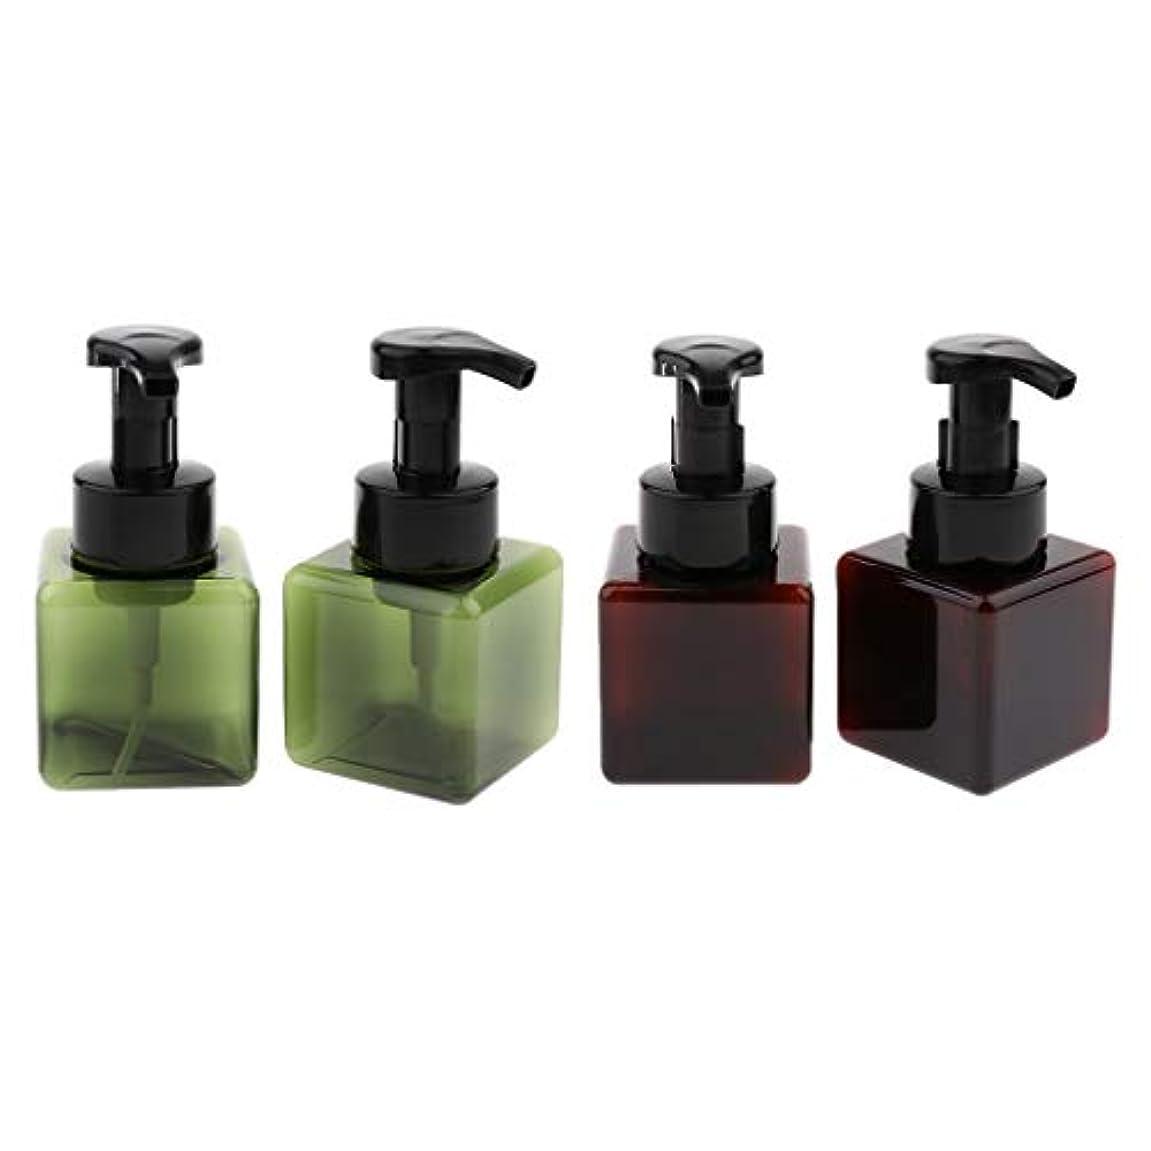 喜んで近く目覚める小分けボトル 泡ポンプボトル 詰め替え容器 ディスペンサー スクエア 再利用可 250ml 4個 全5色 - ダークグリーン+ブラウン